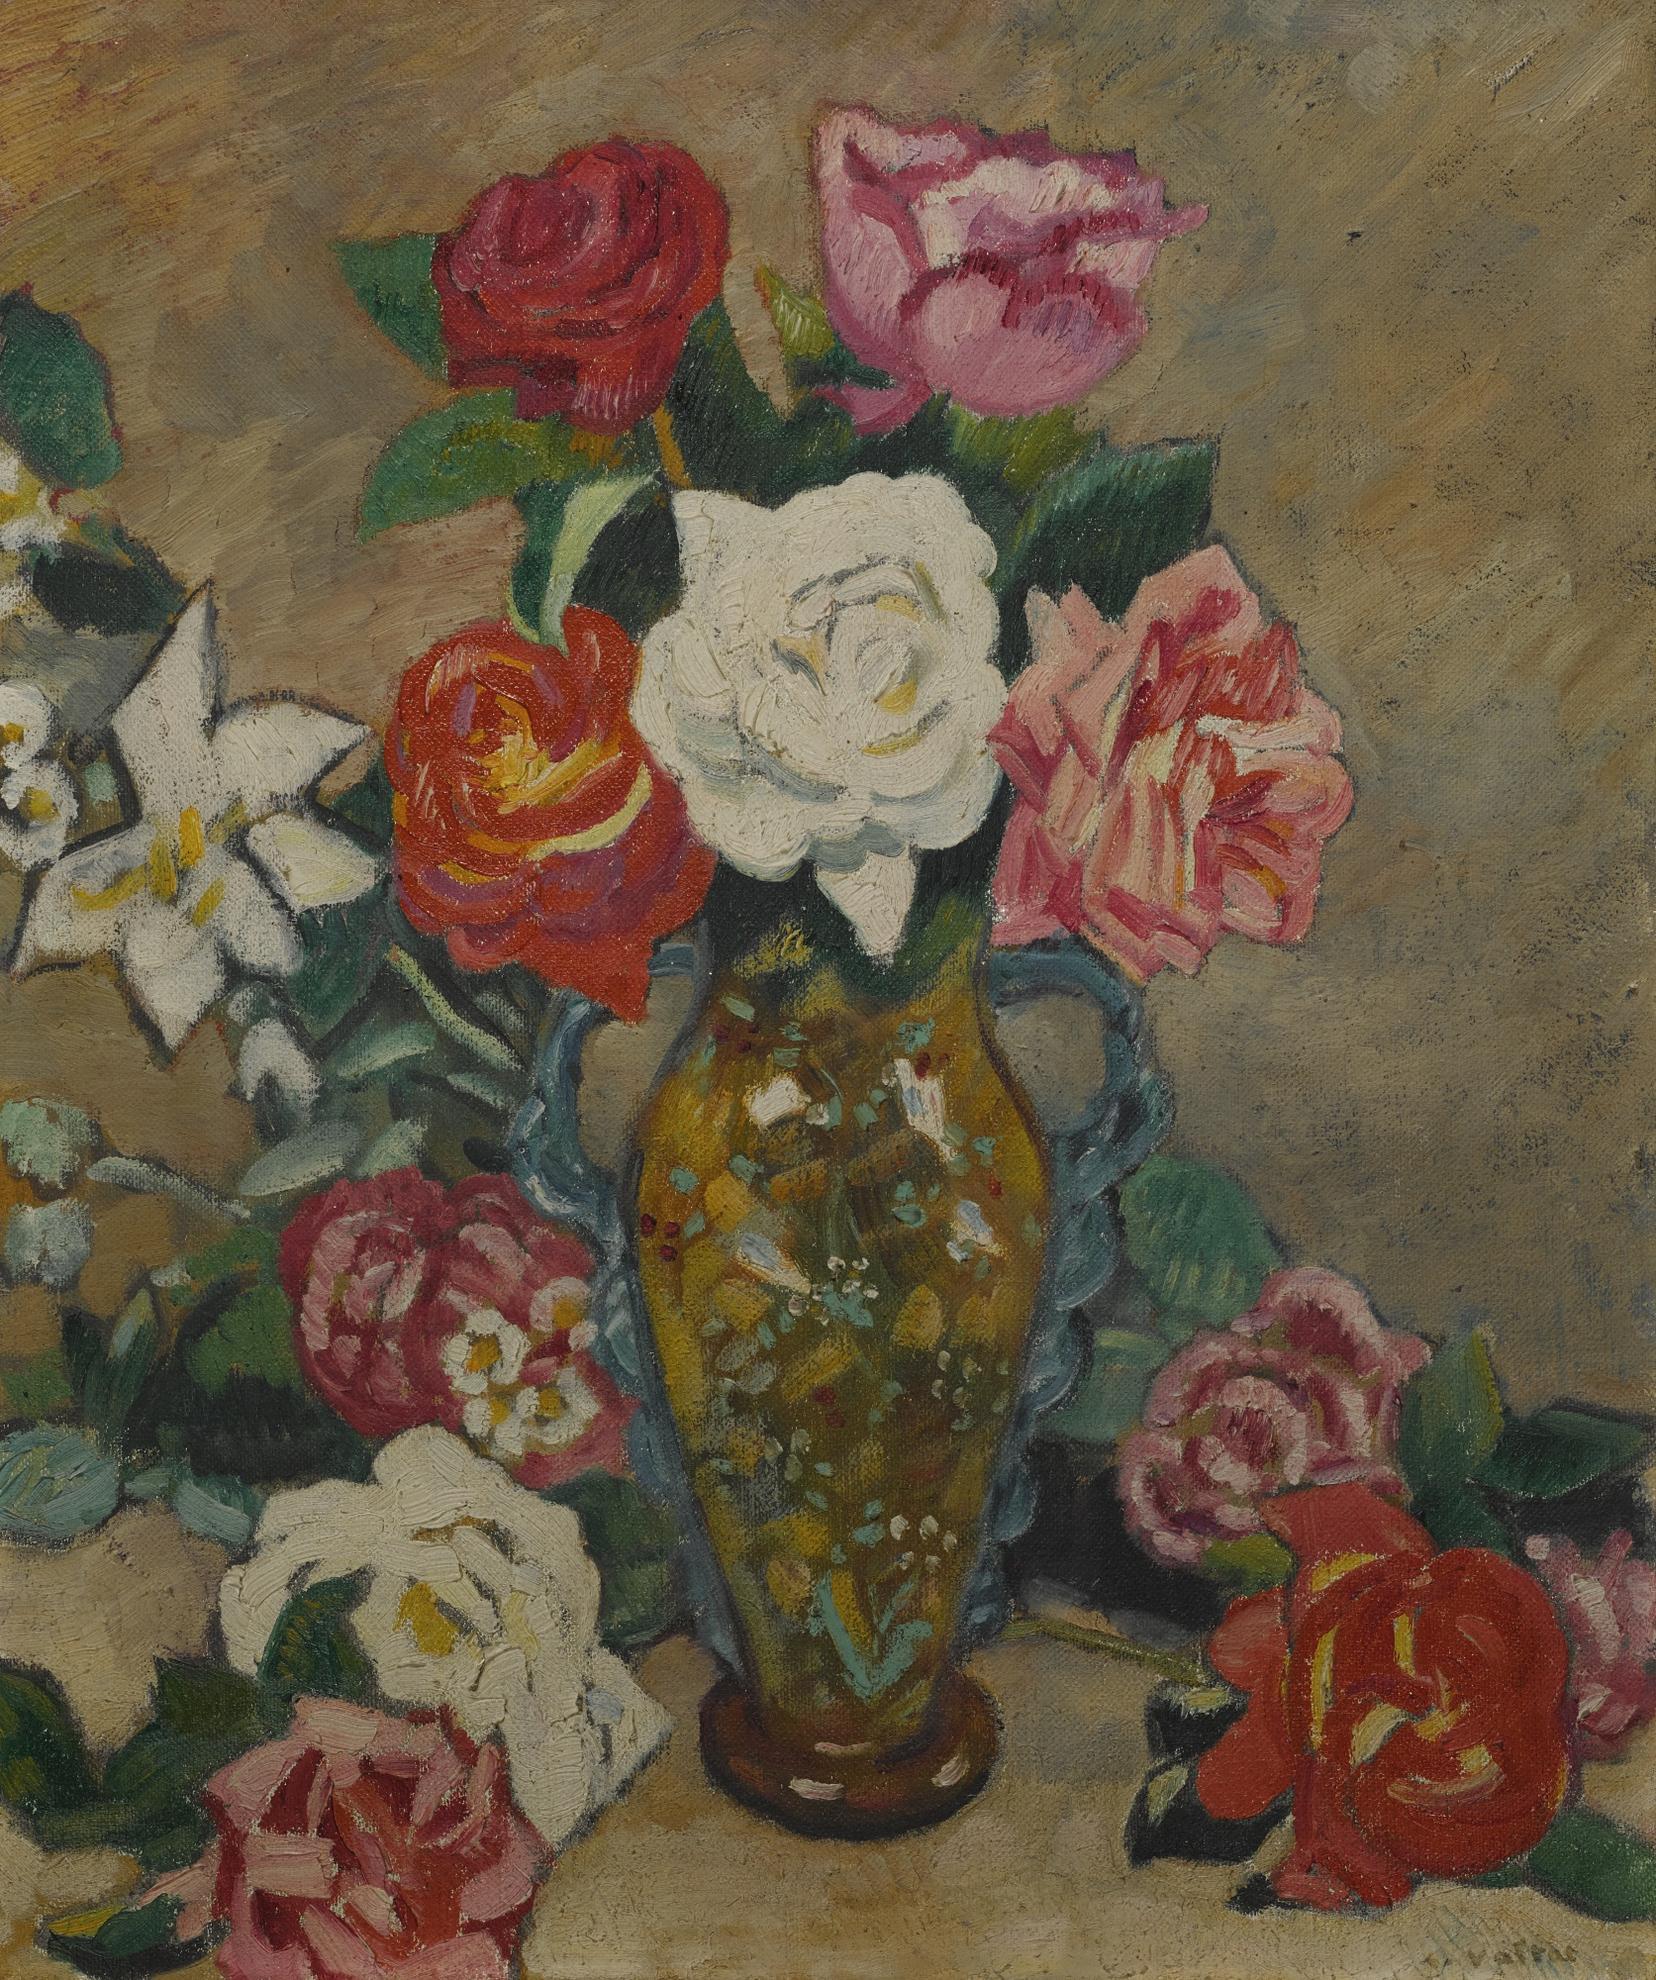 Louis Valtat-Bouquet De Roses-1908